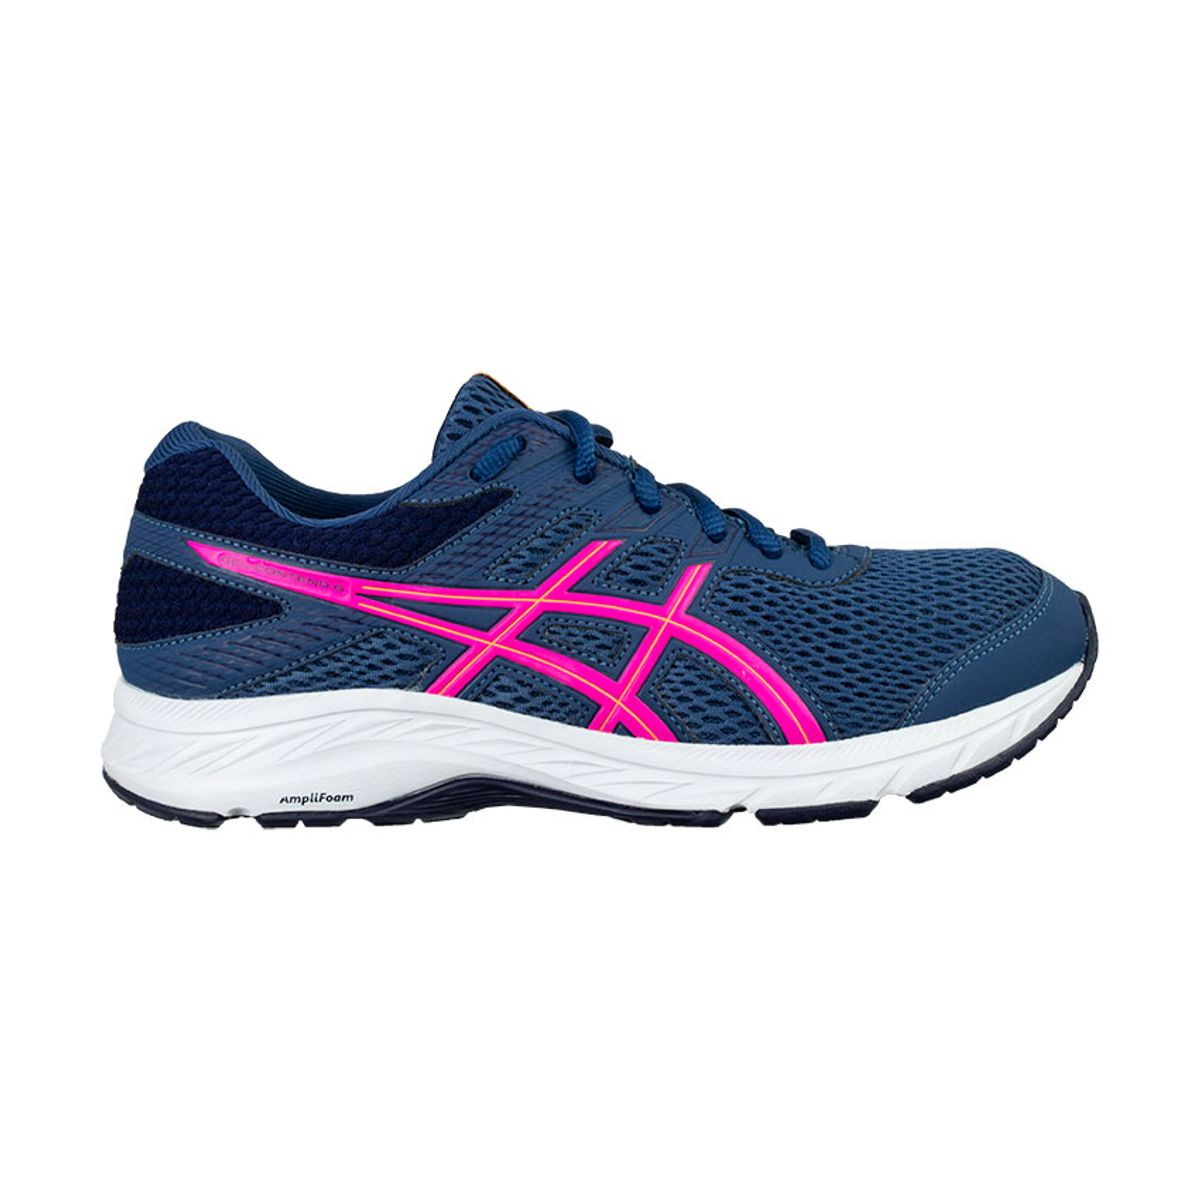 Tenis-Asics-GEL-Contend-6---Feminino---Azul-Marinho-com-Branco-e-Rosa